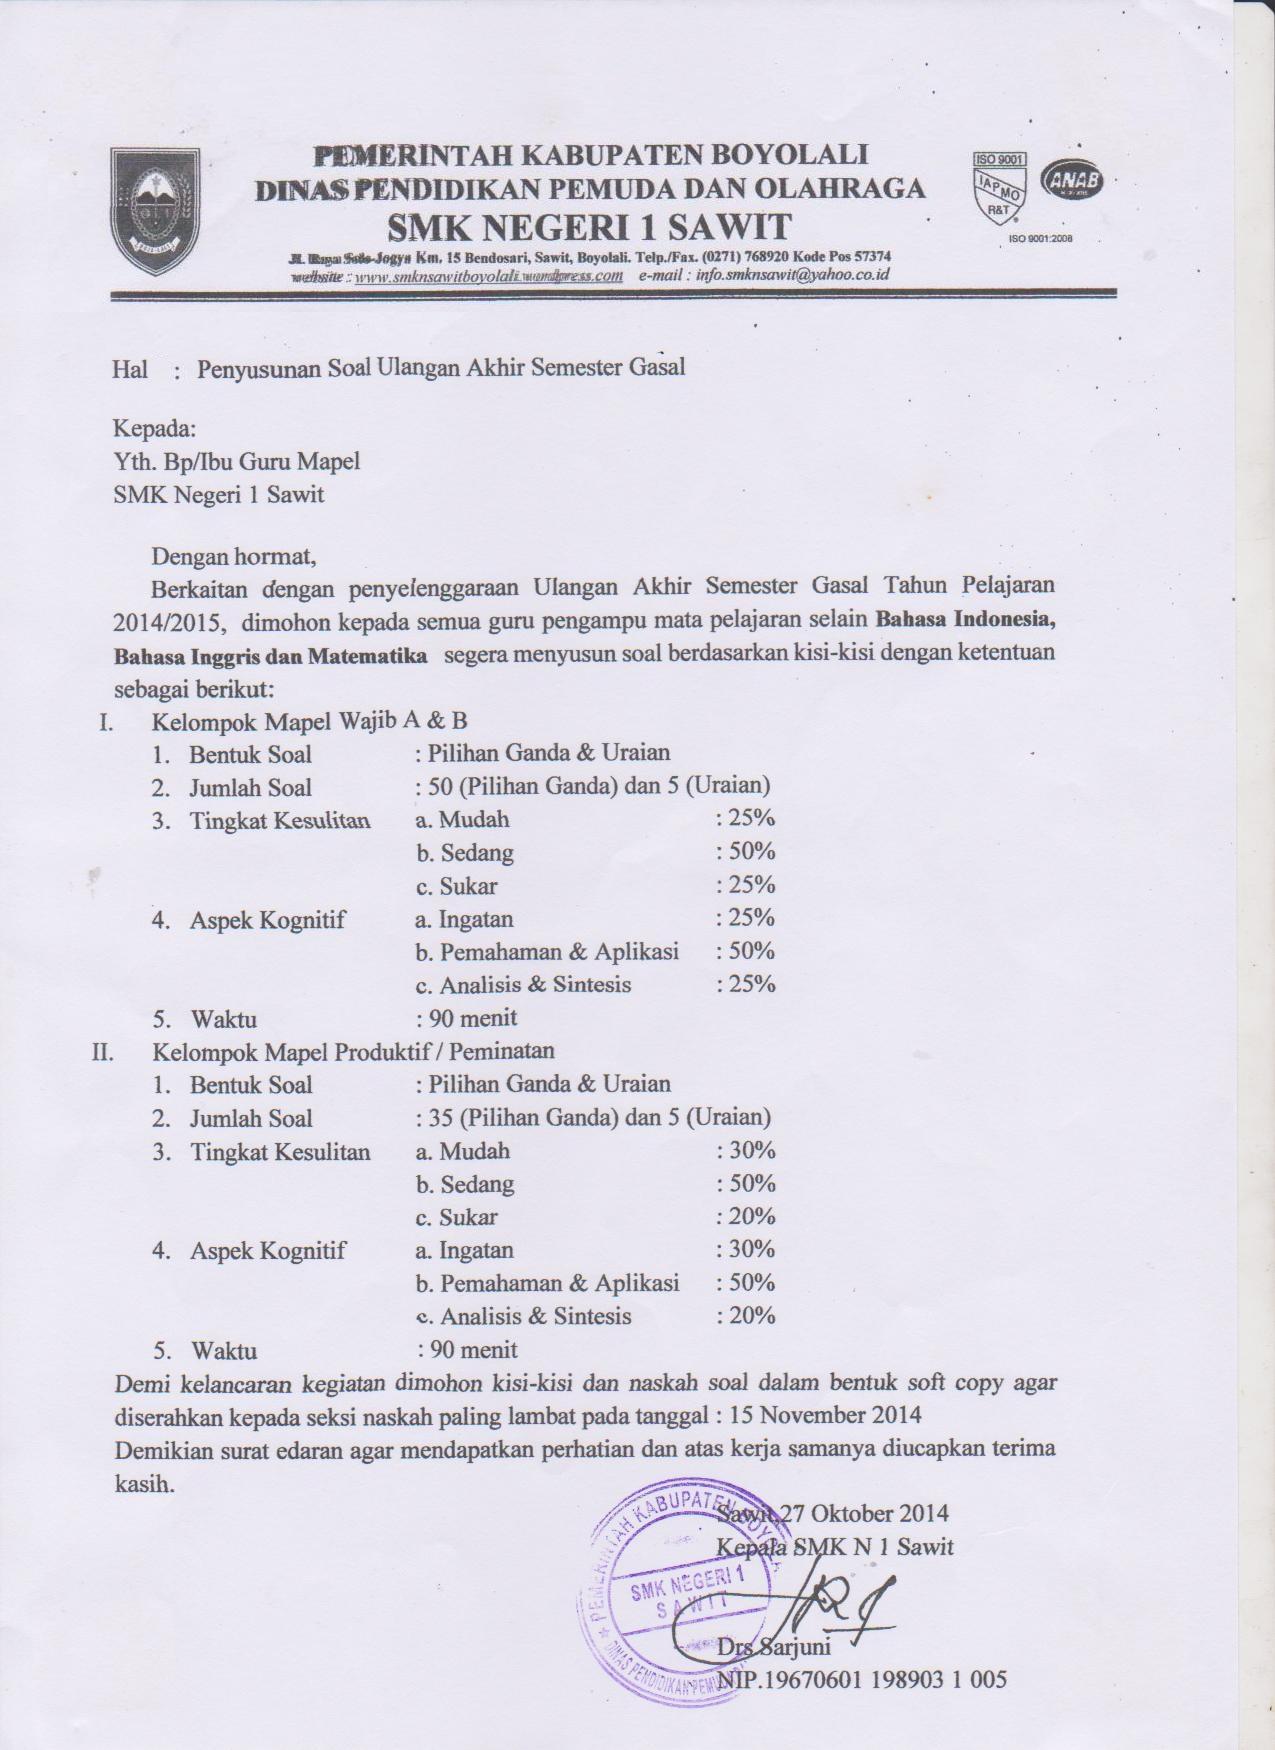 Edaran Pembuatan Soal Dan Kisi Kisi Soal Uas Gasal Tahun Pelajaran 2014 2015 Smk Negeri 1 Sawit